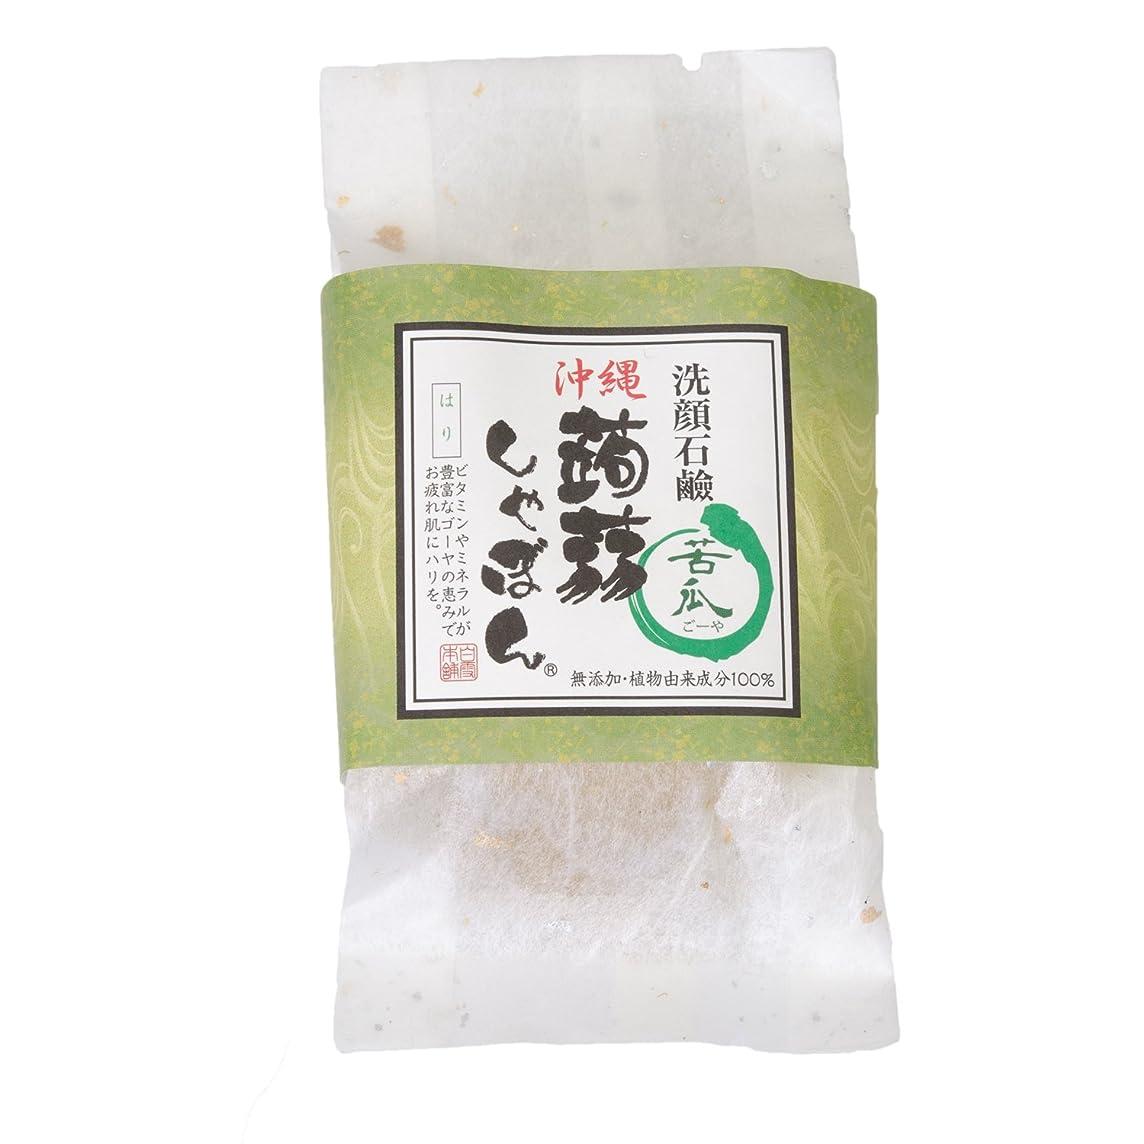 気分が悪い検査官細分化する沖縄 蒟蒻しゃぼん 金 ゴーヤ ぷるぷる 洗顔石鹸 石鹸 保湿 泡立ちソープ